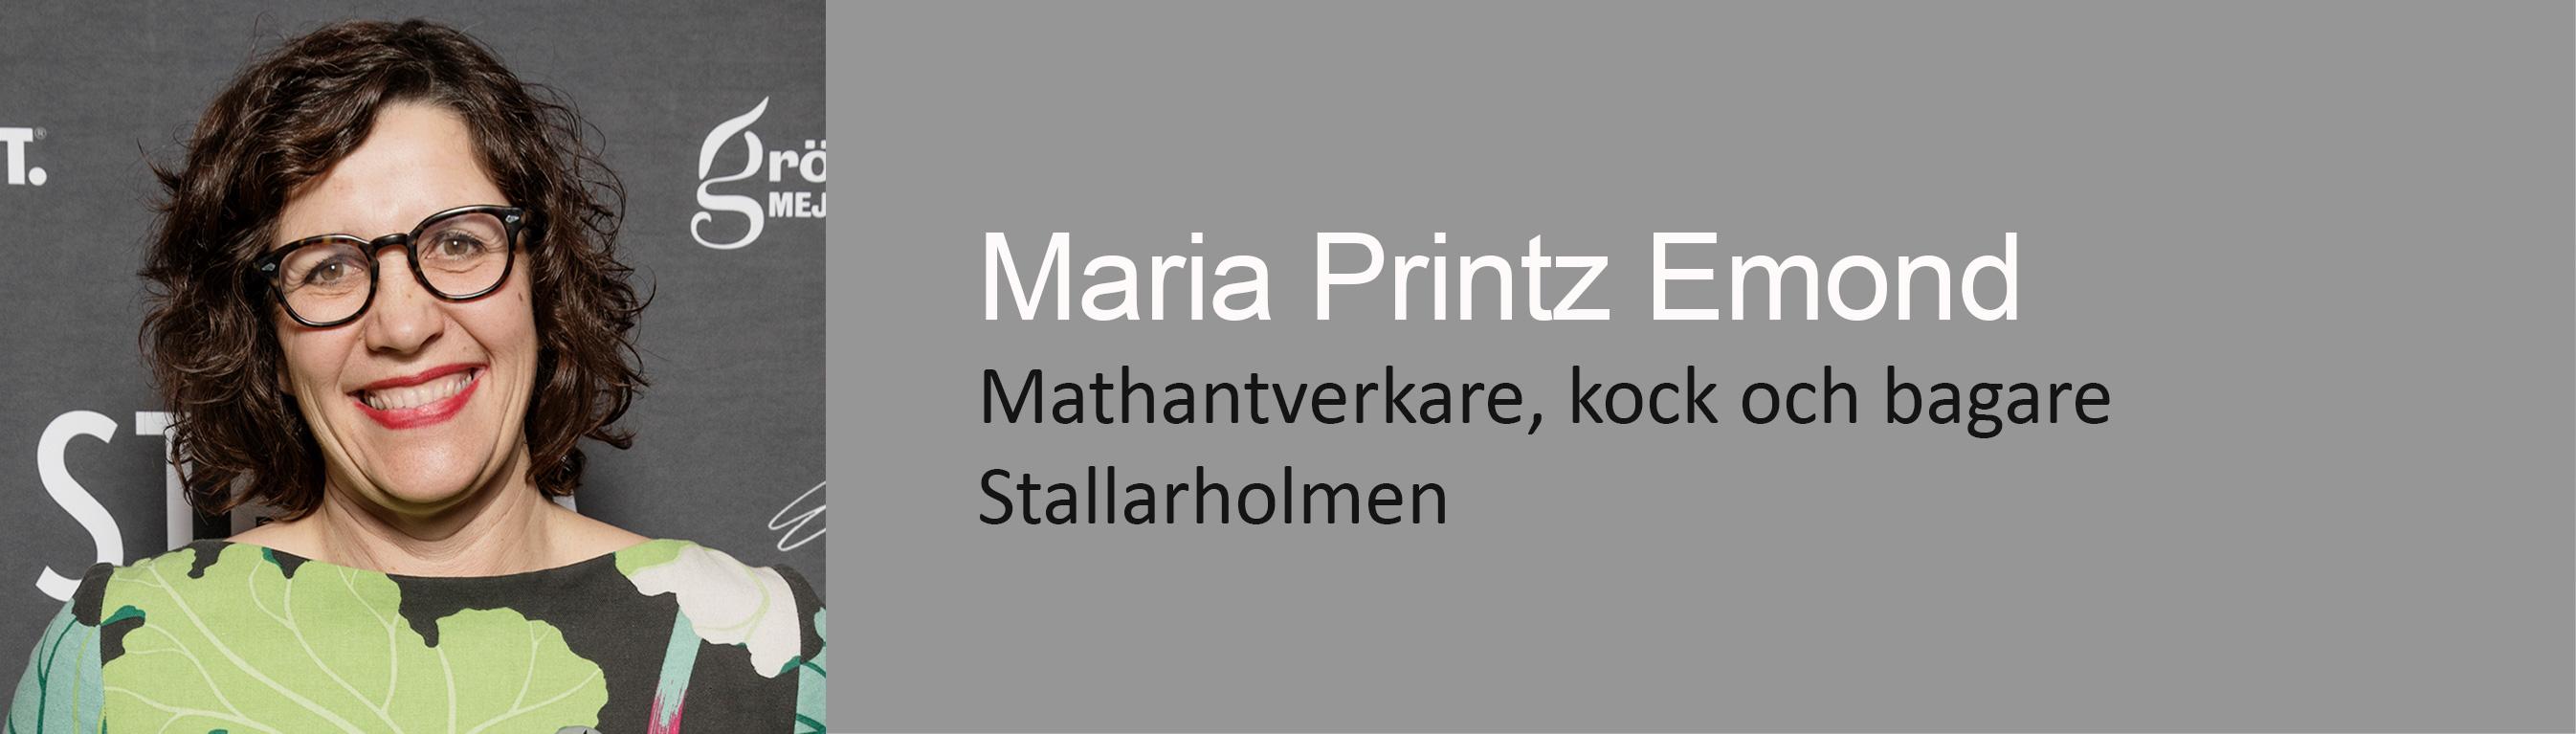 Mathantverkare, kock och bagare, Maria Printz Emond, Seniorkonsult Direkt